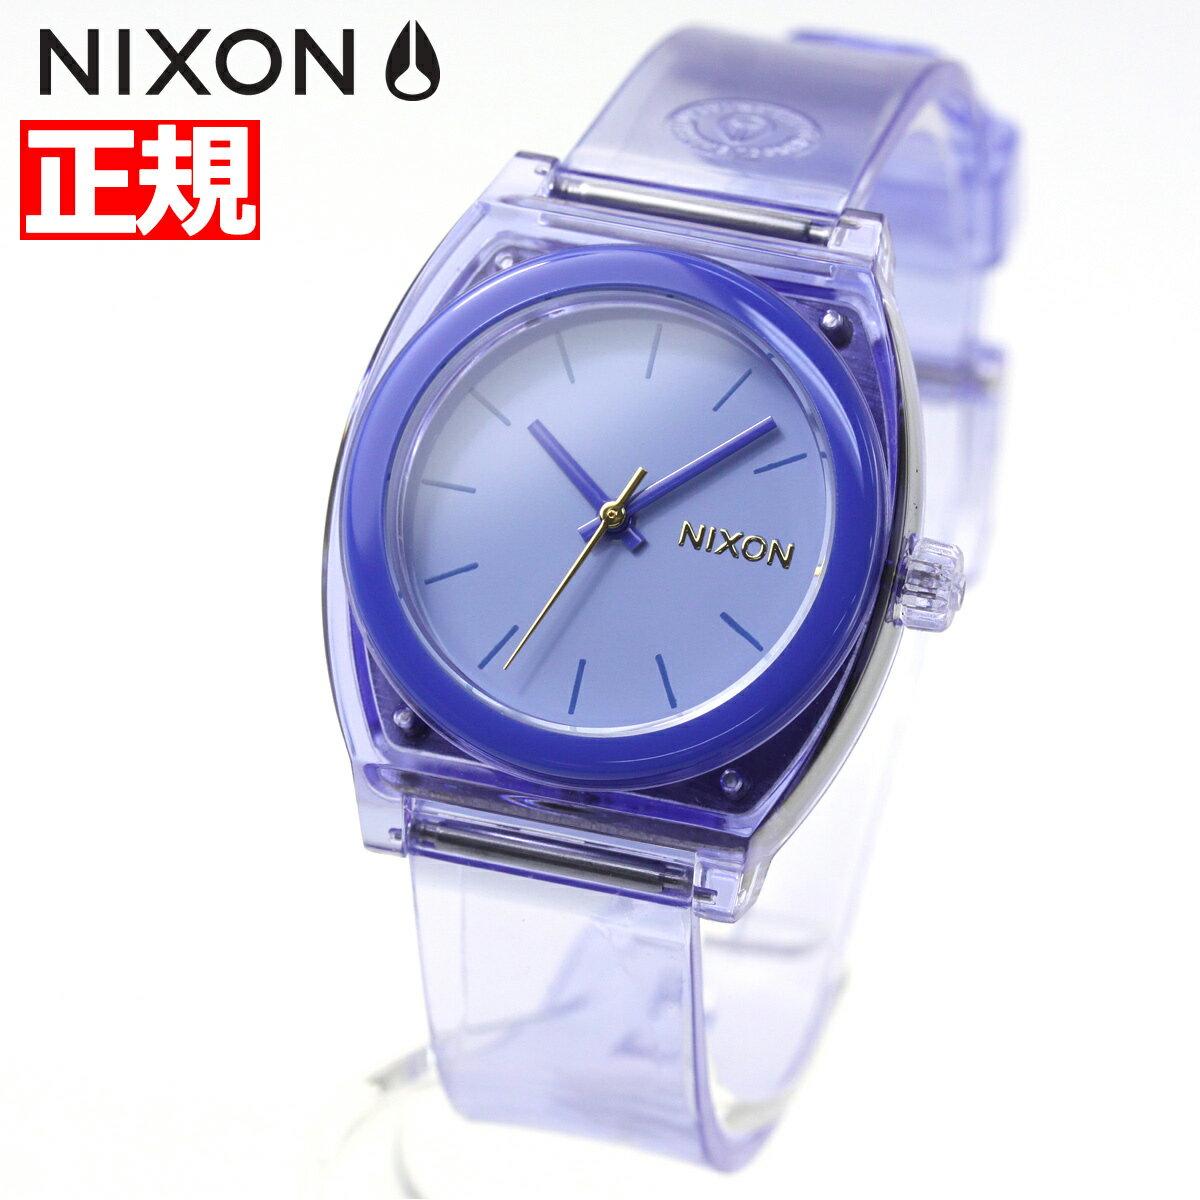 ニクソン NIXON ミディアム タイムテラーP MEDIUM TIME TELLER P 腕時計 レディース ペリウィンクル NA12152885-00【2018 新作】